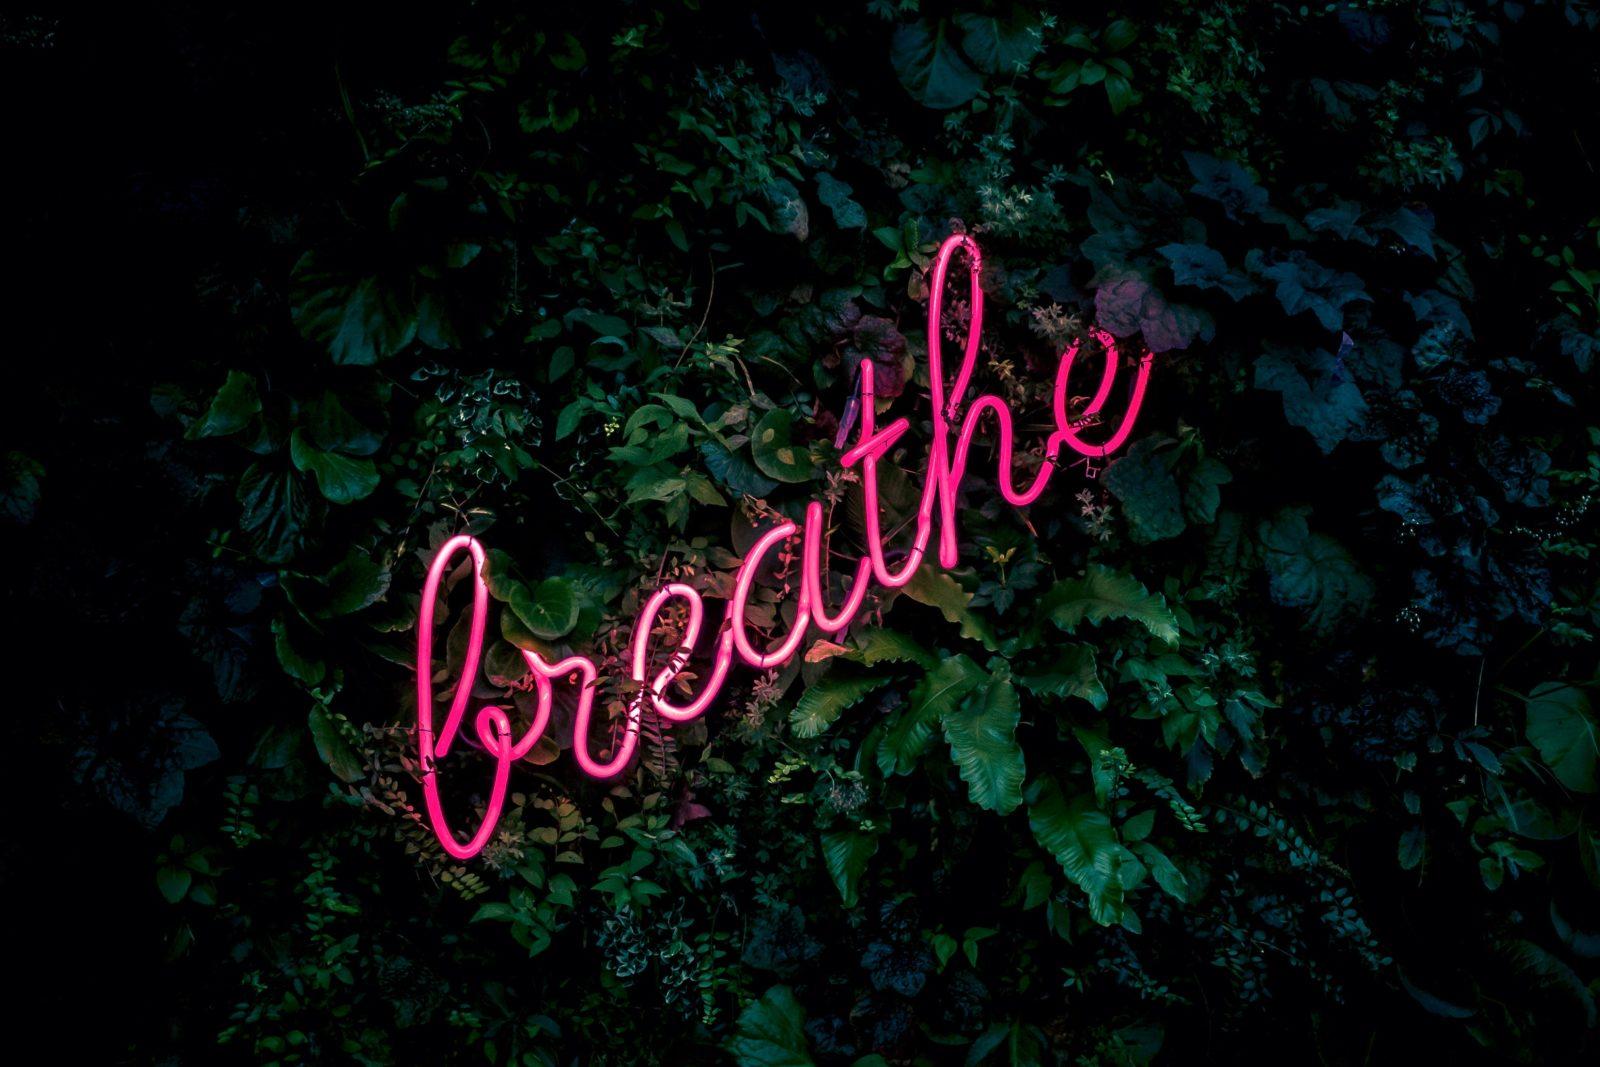 superar-el-estres-vanilla-garden-tenerife-respirar-hondo